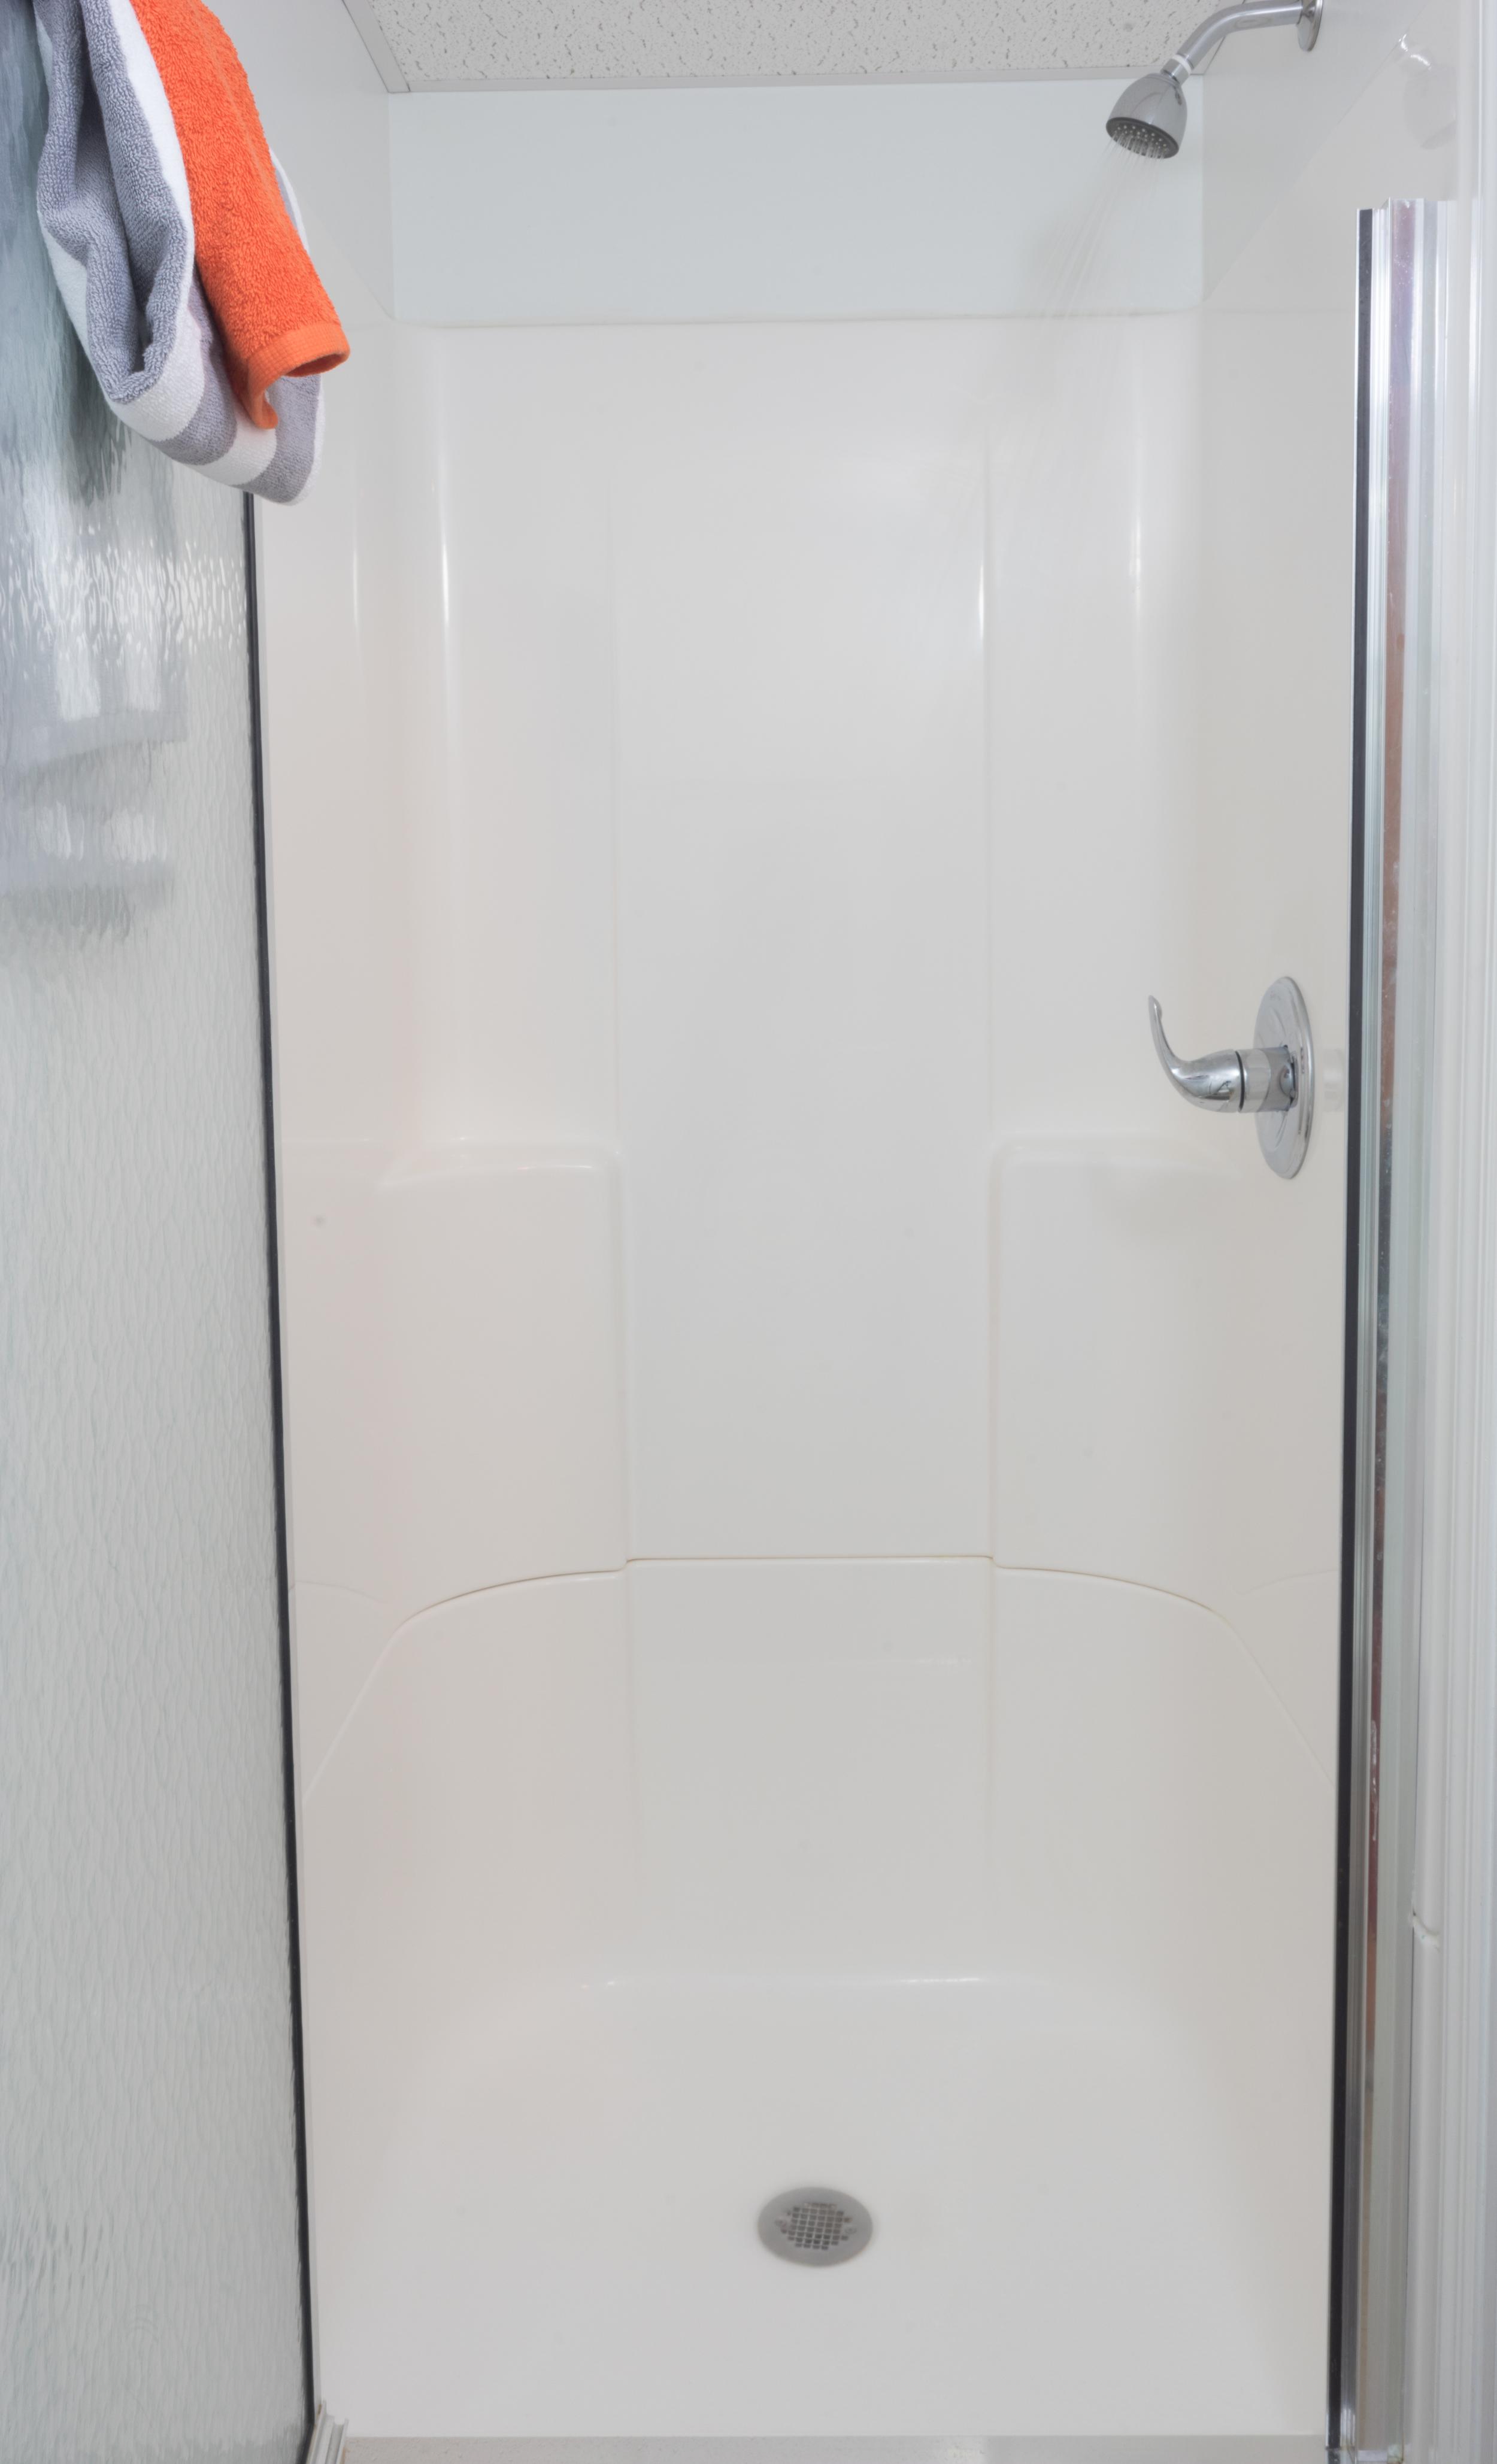 Private Bathrooms at Pratt Studios